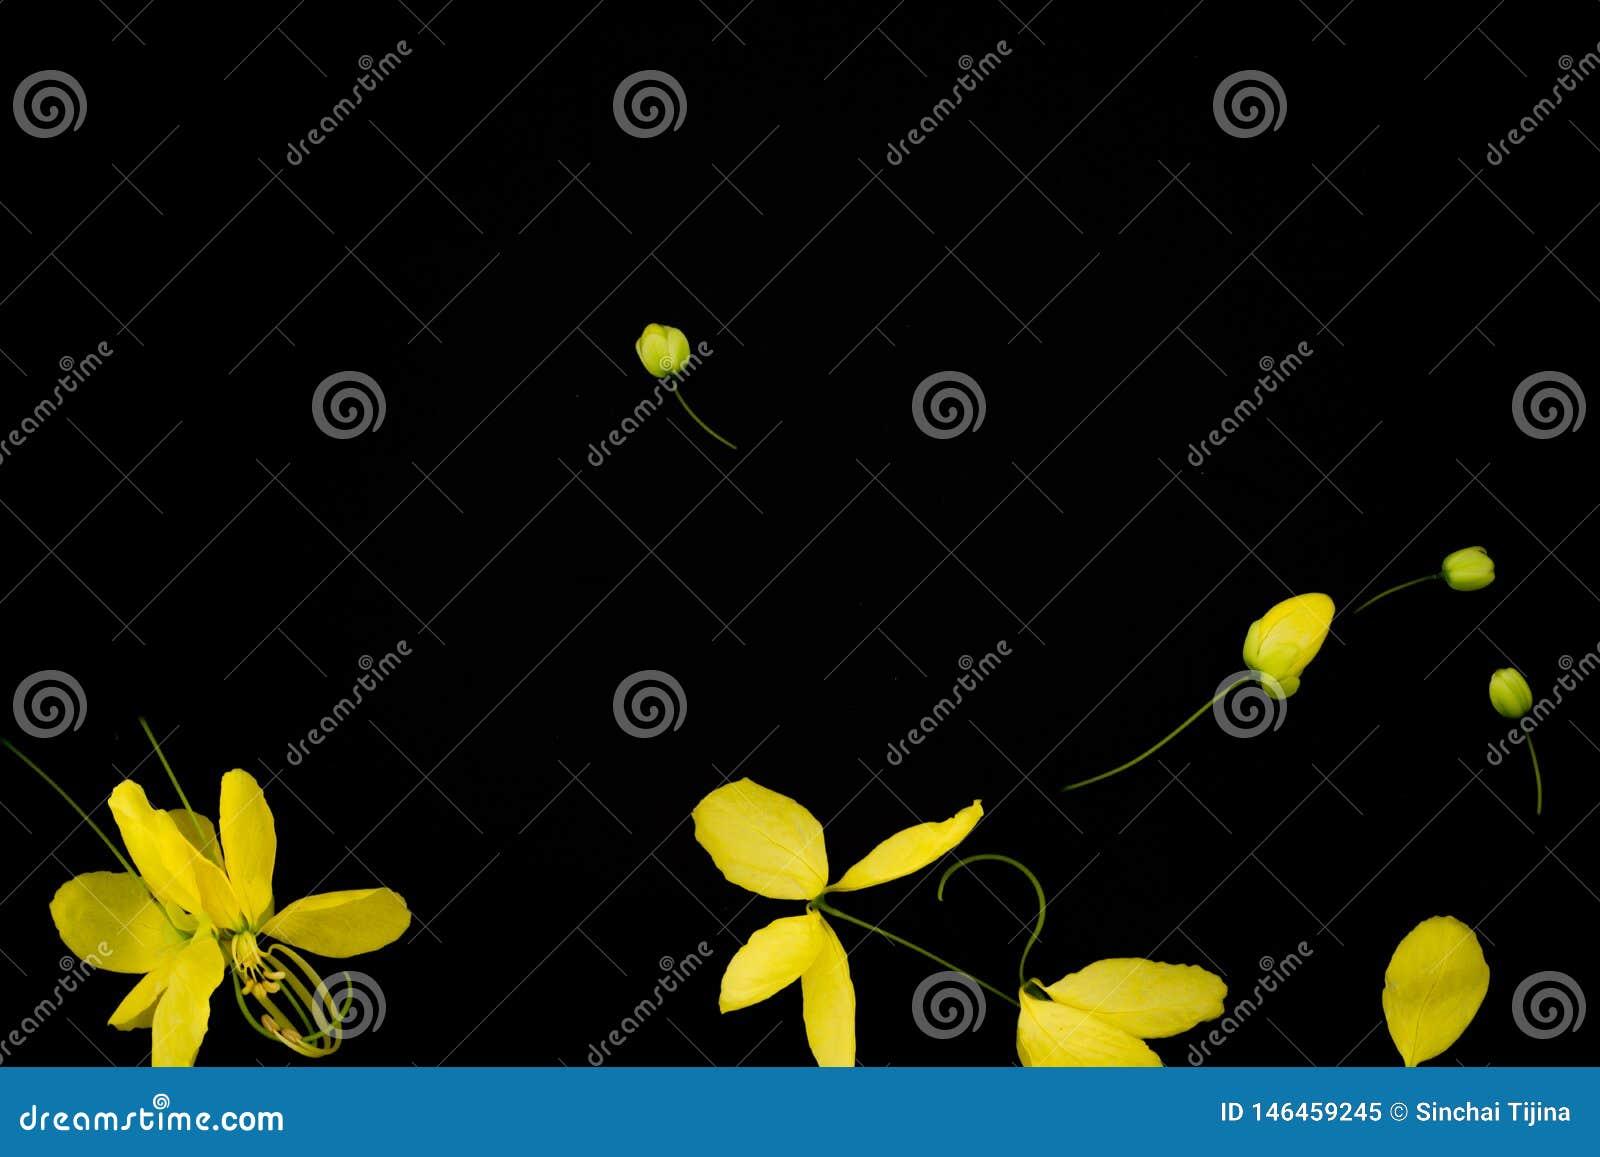 Blumenschwarzhintergrund taxture und wallpeper der nahen hohen Natur gelbes